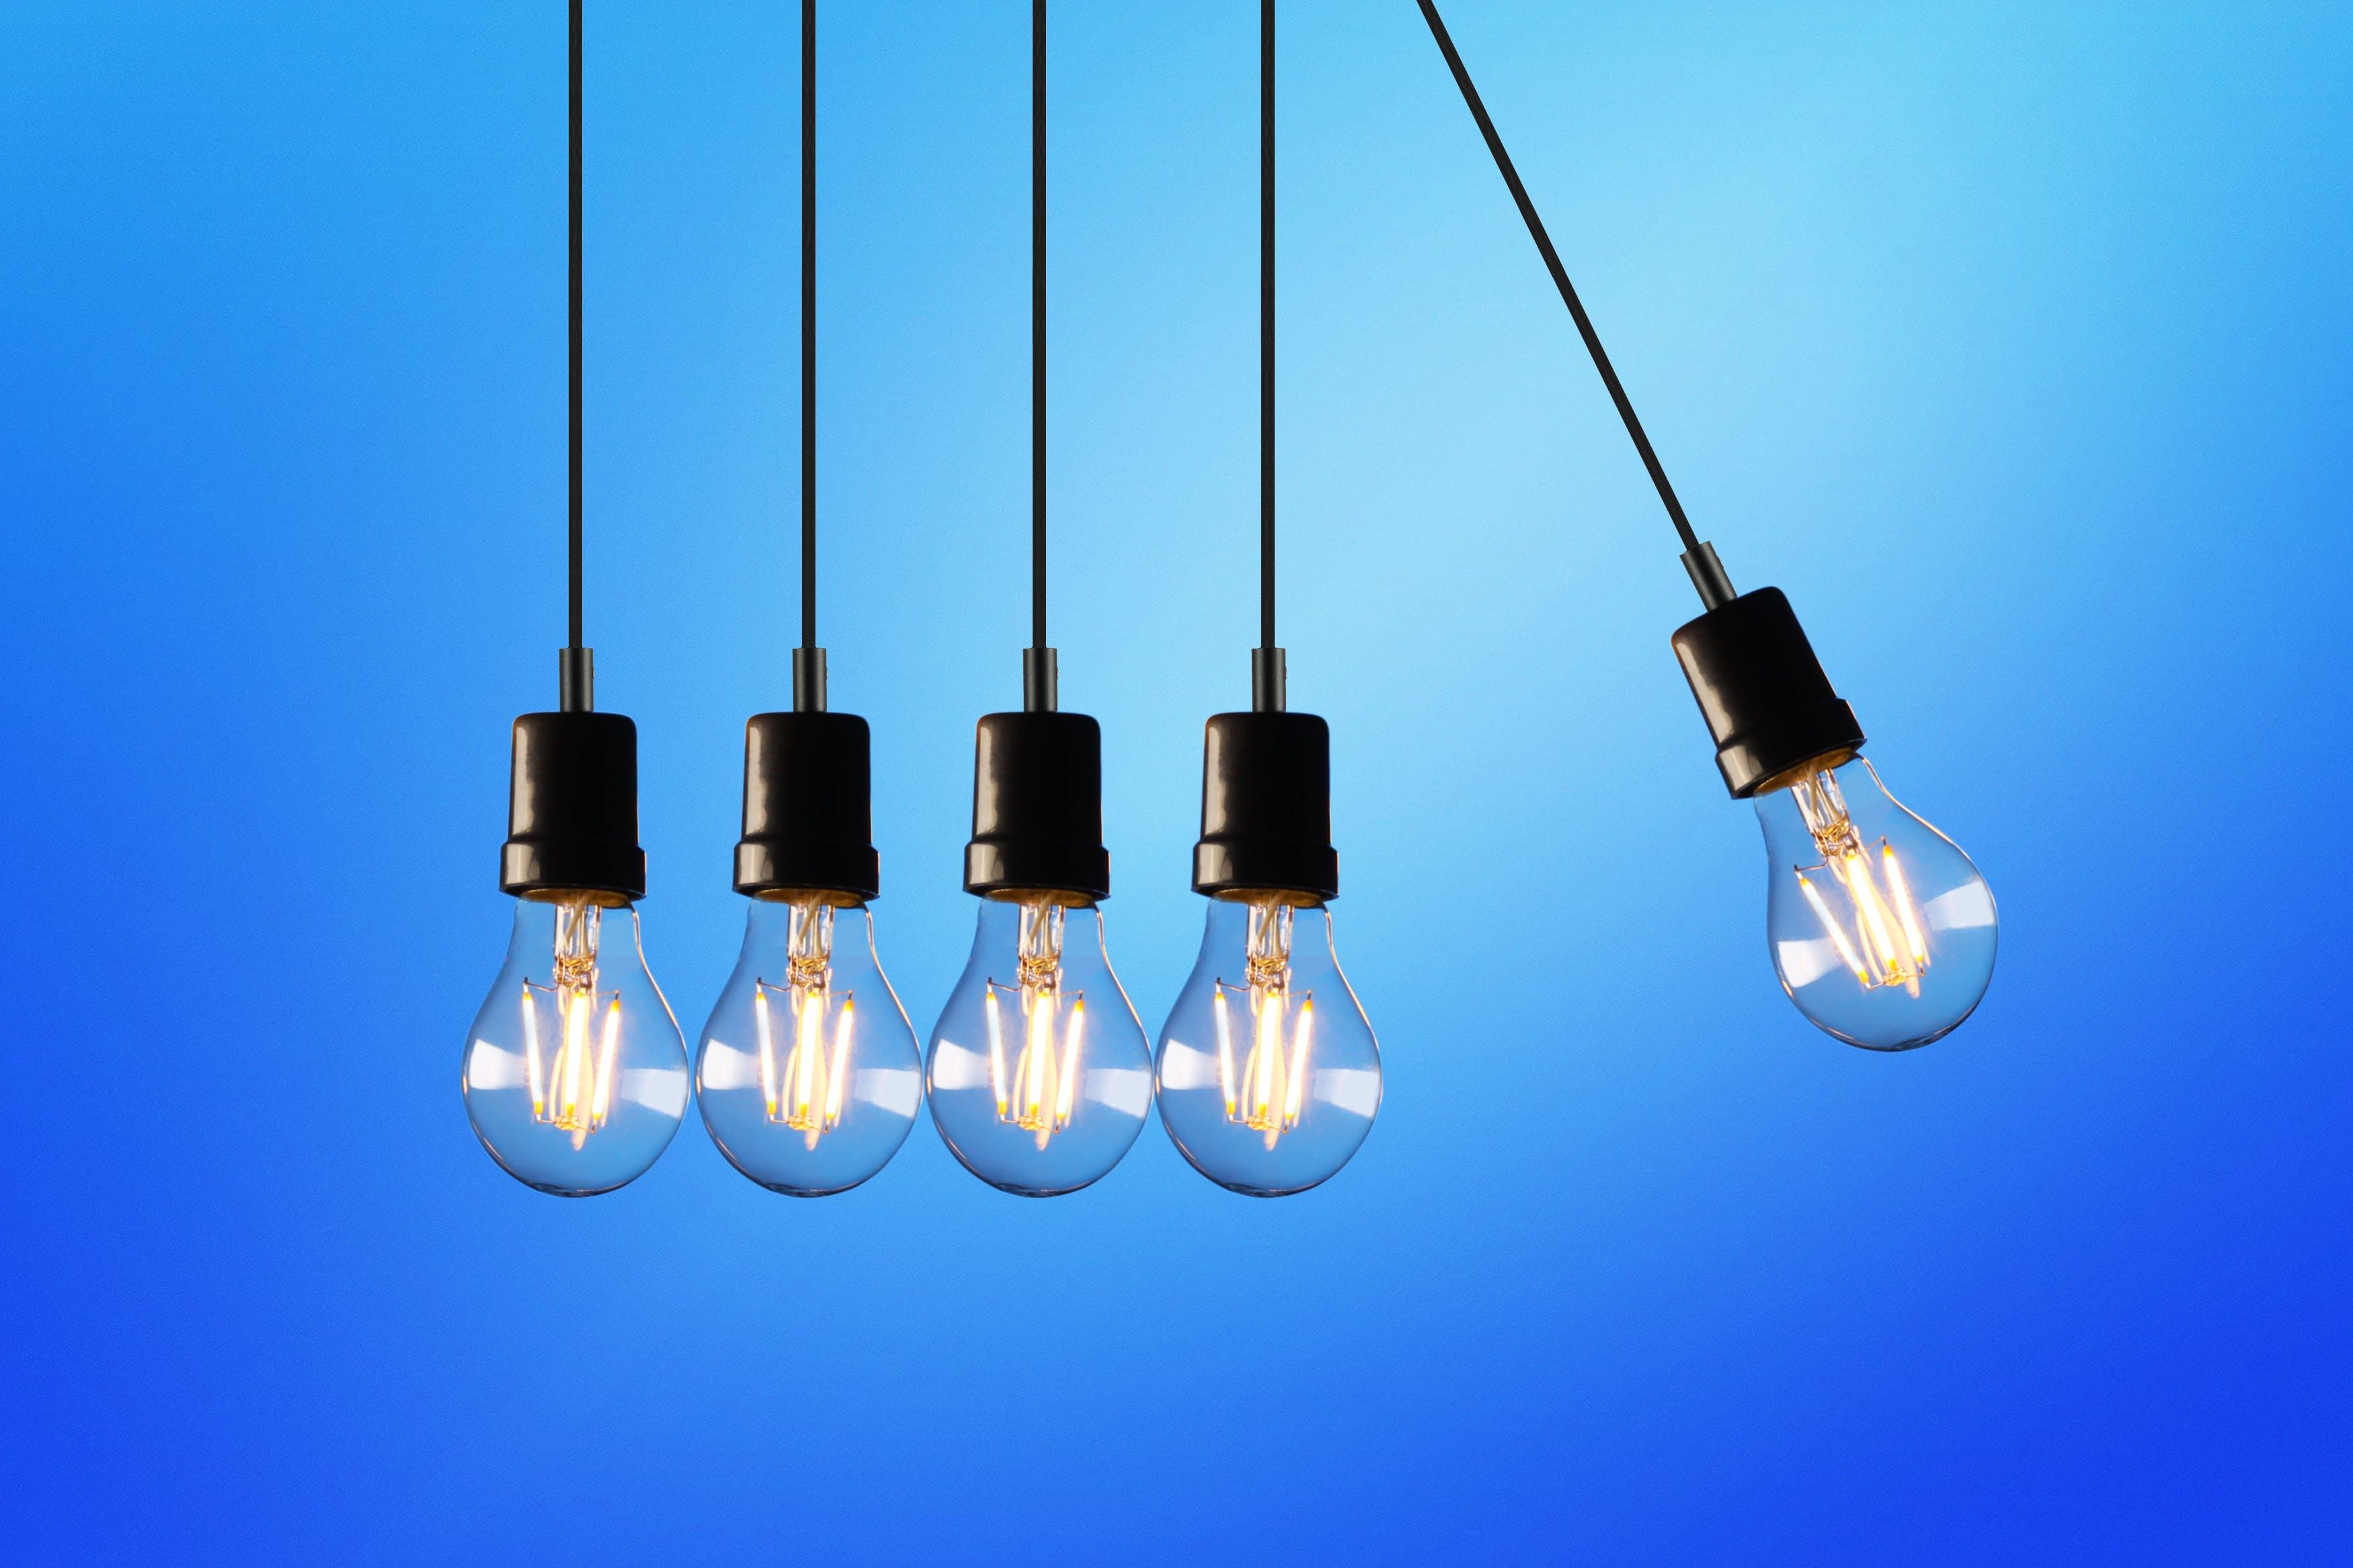 Ảnh lưu trữ miễn phí về ánh sáng, bóng đèn, bóng đèn tiết kiệm năng lượng, chén